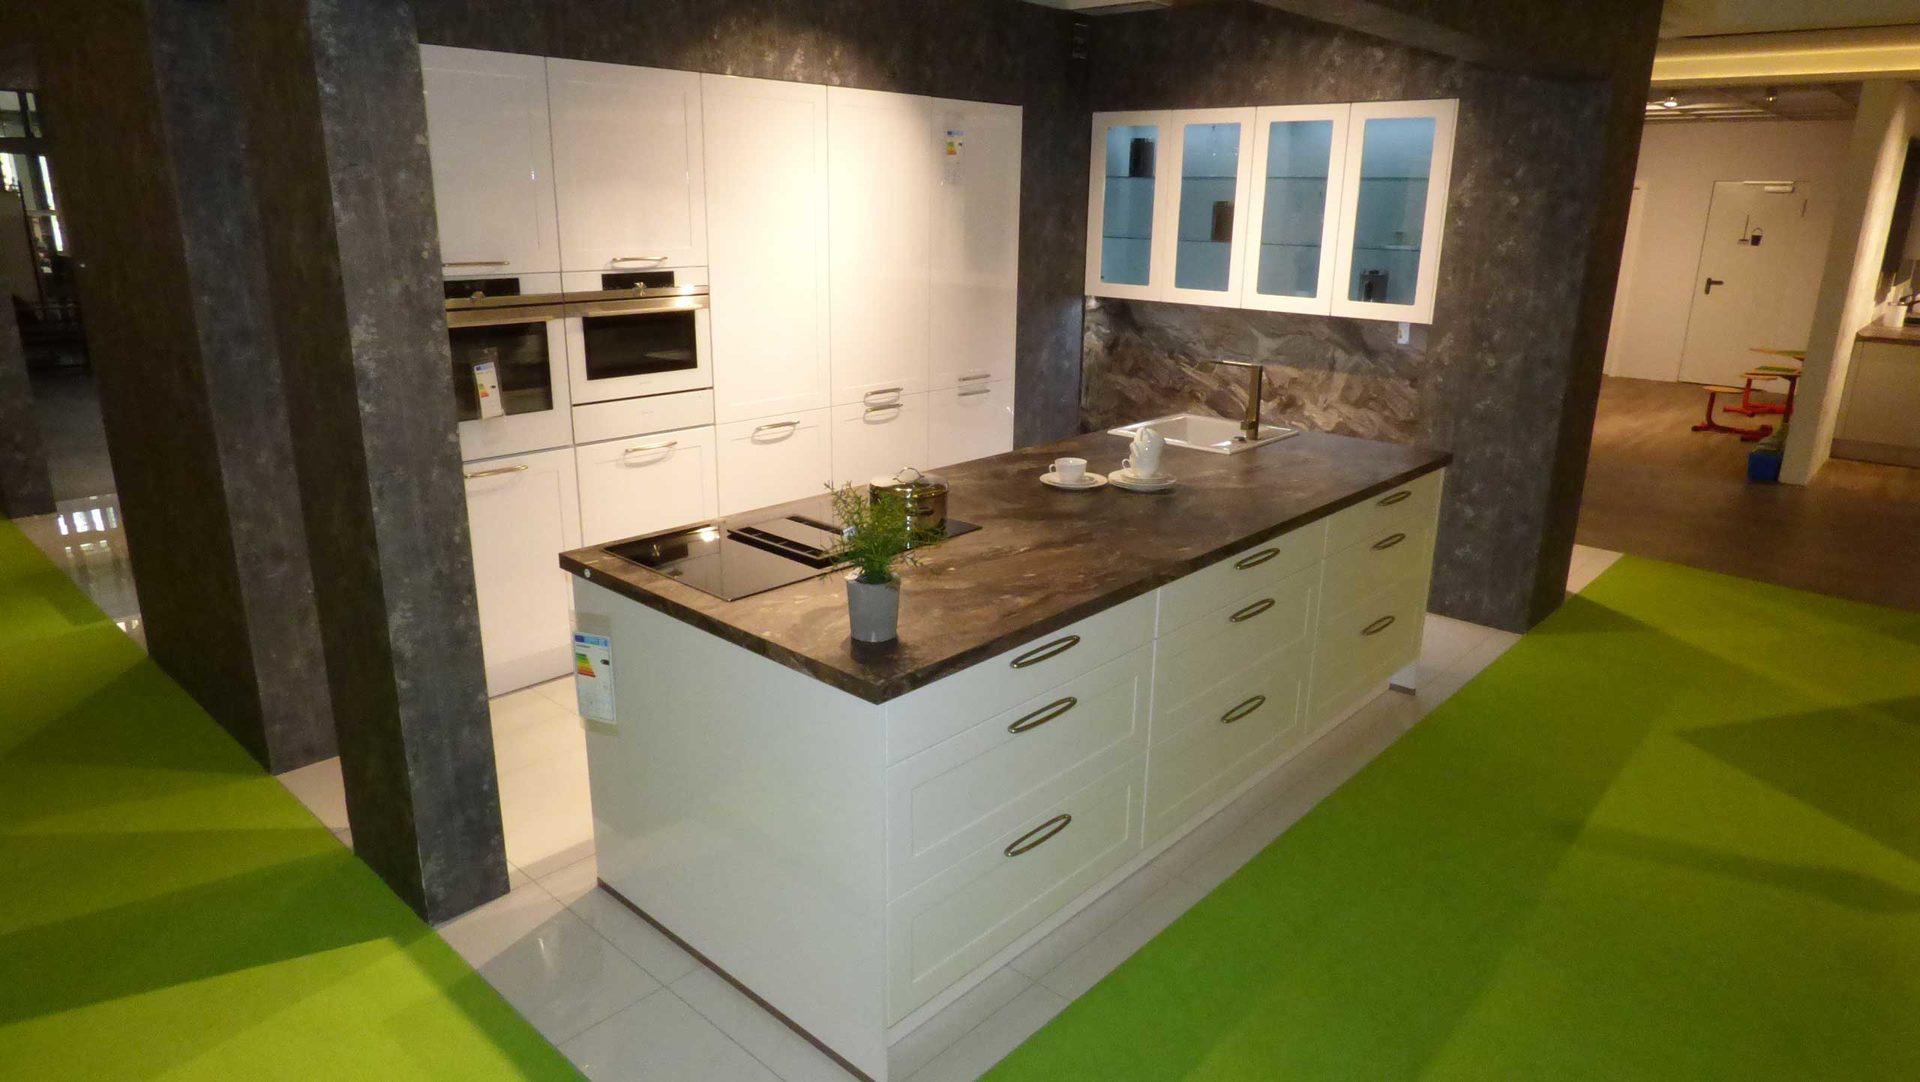 Nett Bad Küche Lack Fotos - Ideen Für Die Küche Dekoration - lazonga ...